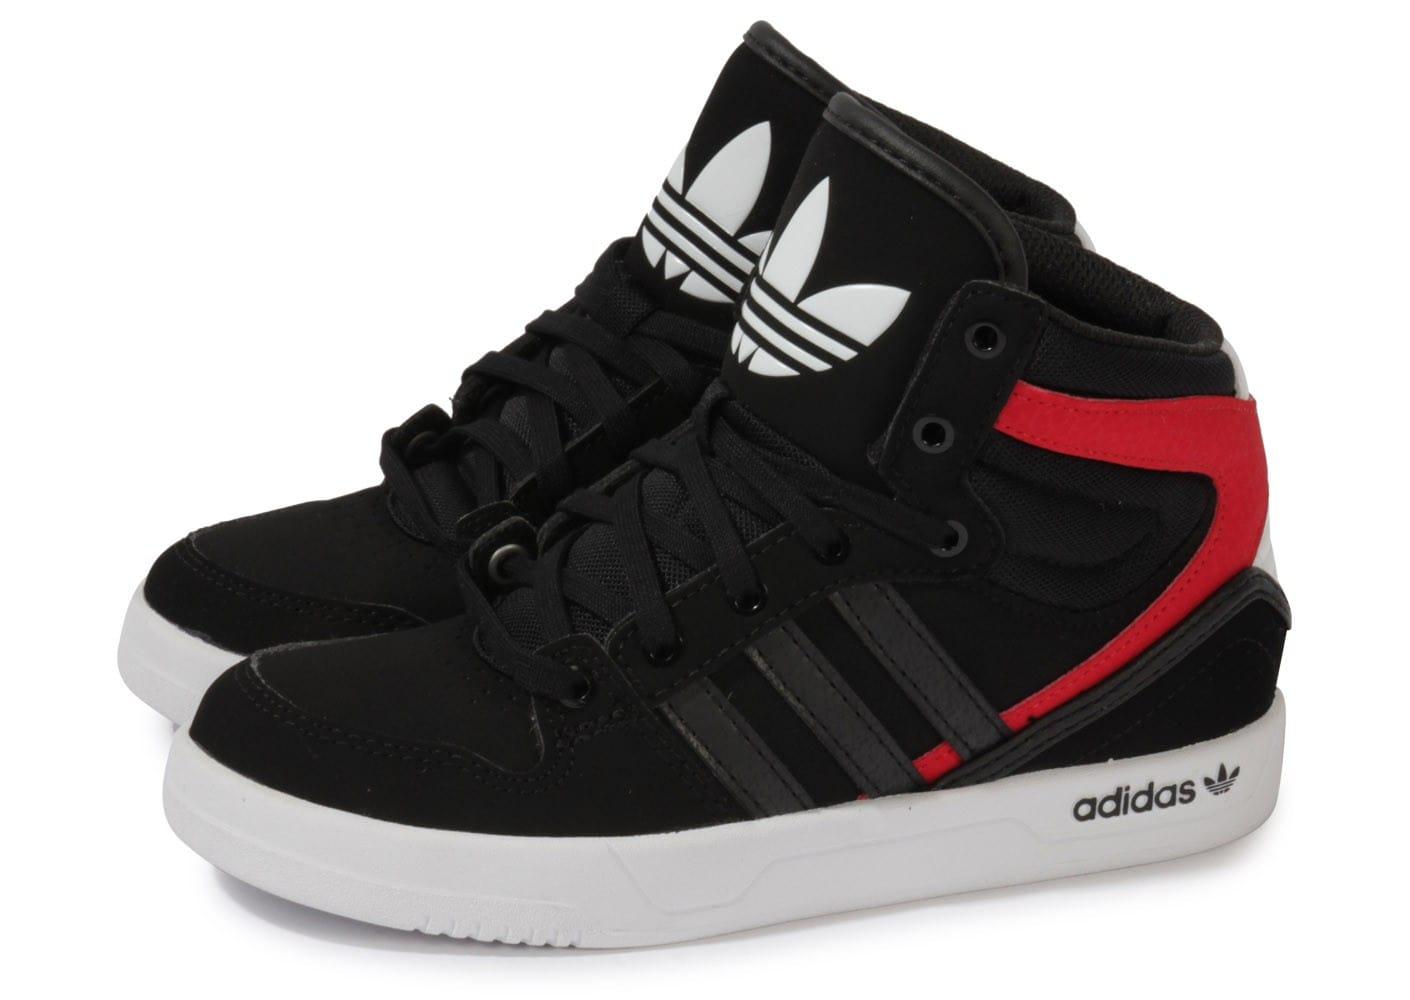 d18a97a3c9e7c1 Nouveautés et marques les plus vendues chaussure adidas court attitude  Destockage Soldes en ligne. - floquifil.fr